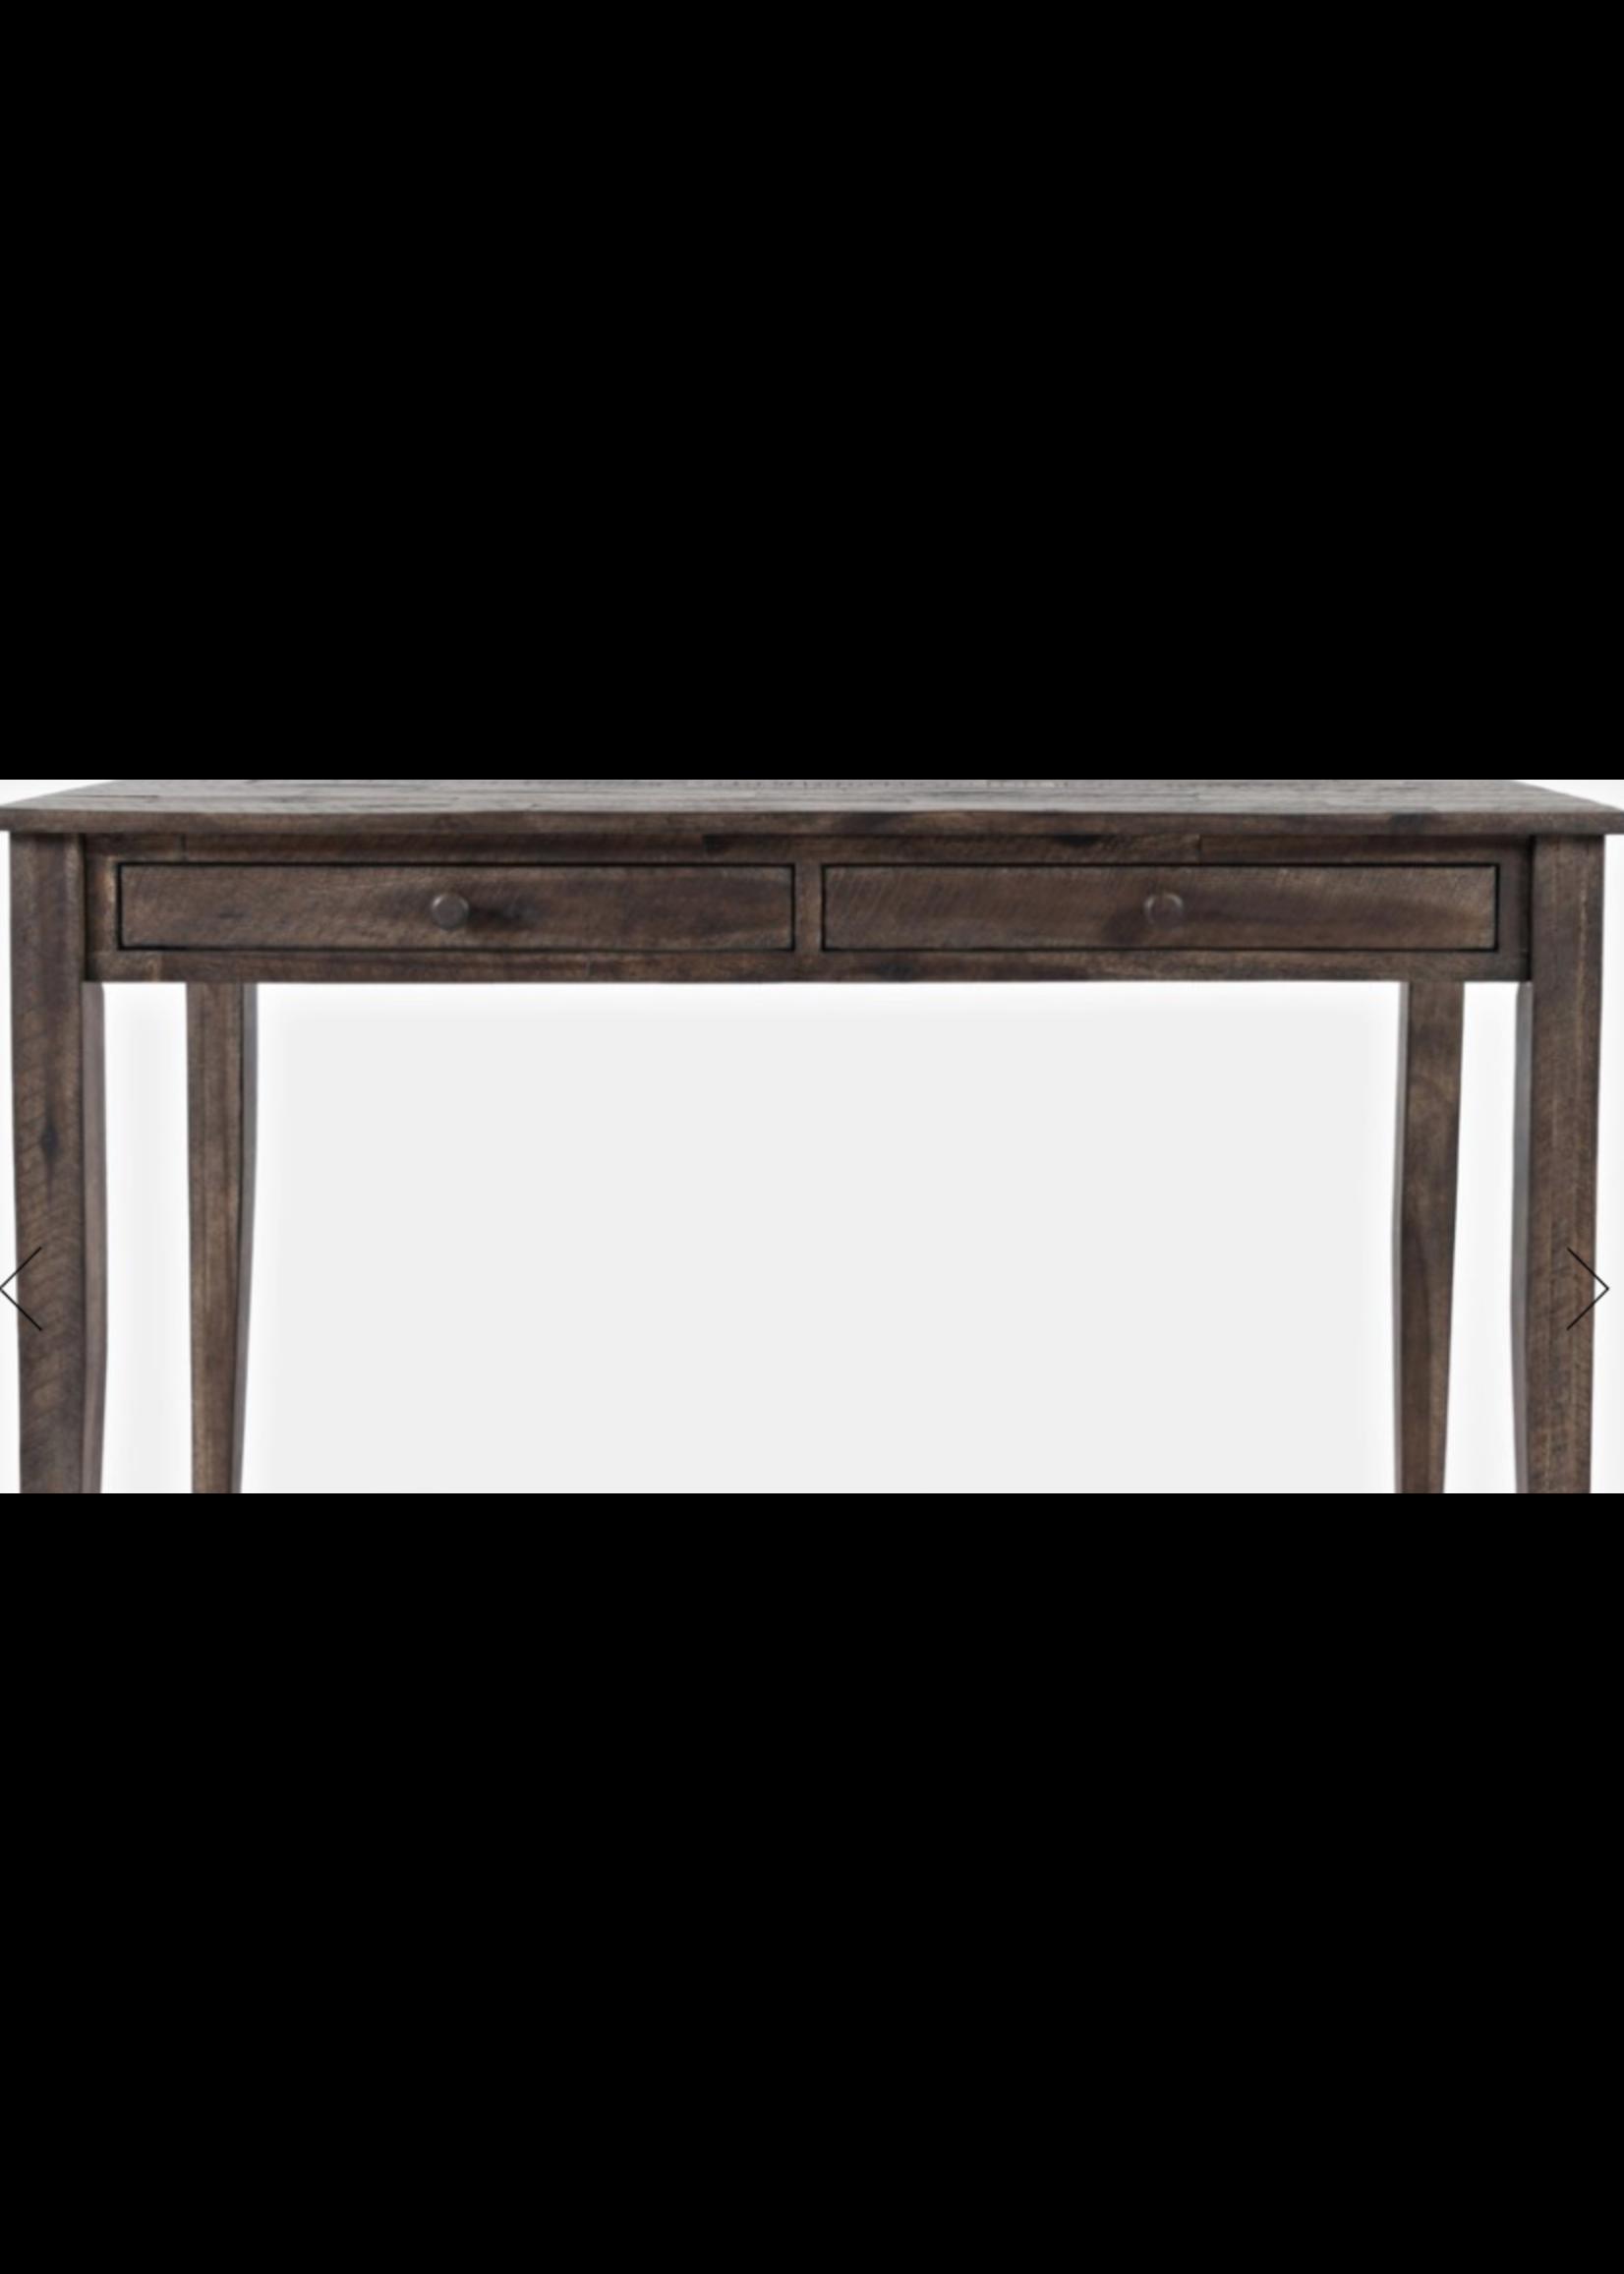 New Clark Desk - Burnished Chestnut